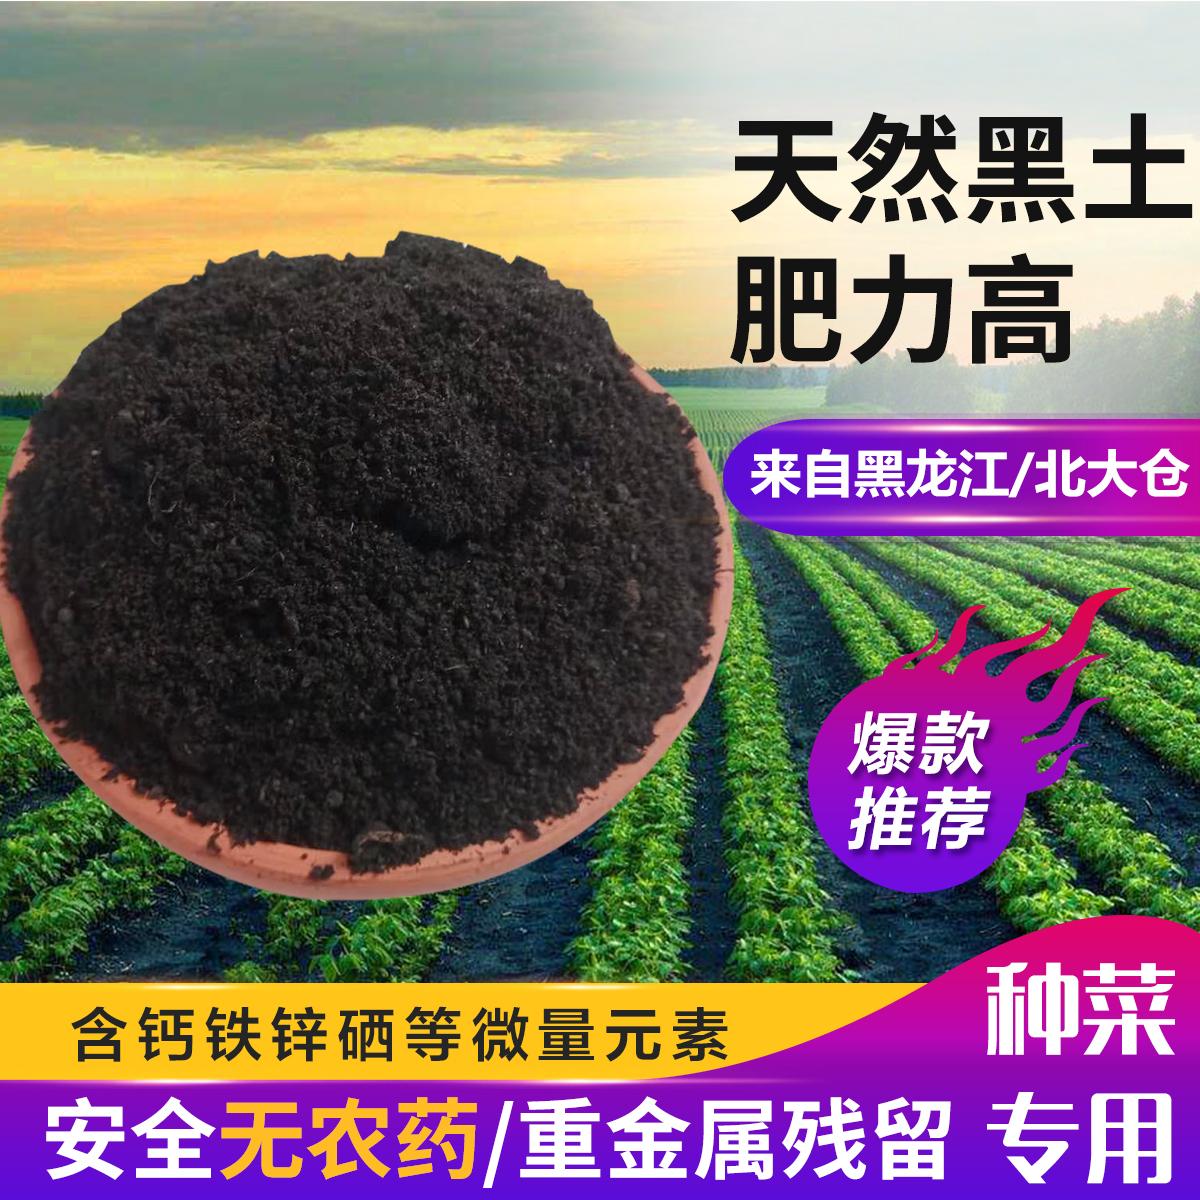 东北天然有机黑土草炭土种植土种花土种菜土营养土多肉土腐殖土壤